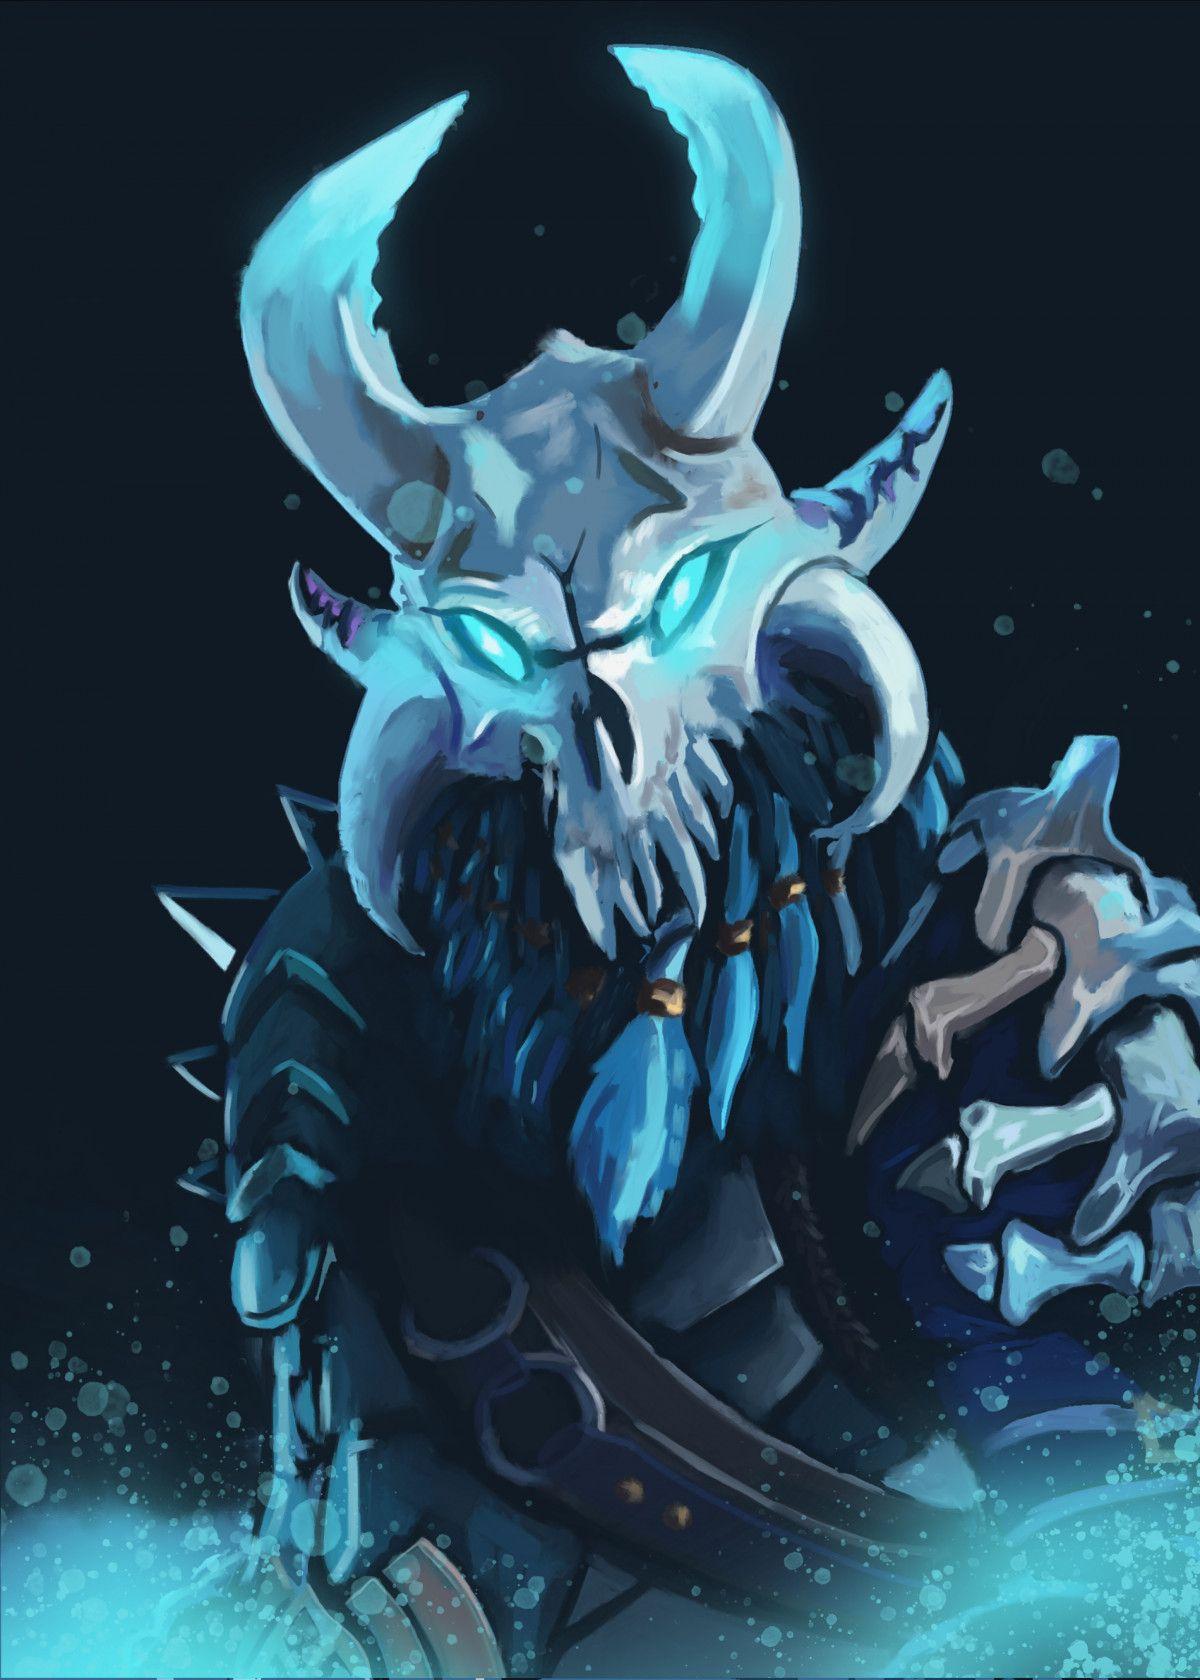 Fortnite Heroes Characters Ragnarok Displate Artwork By Artist